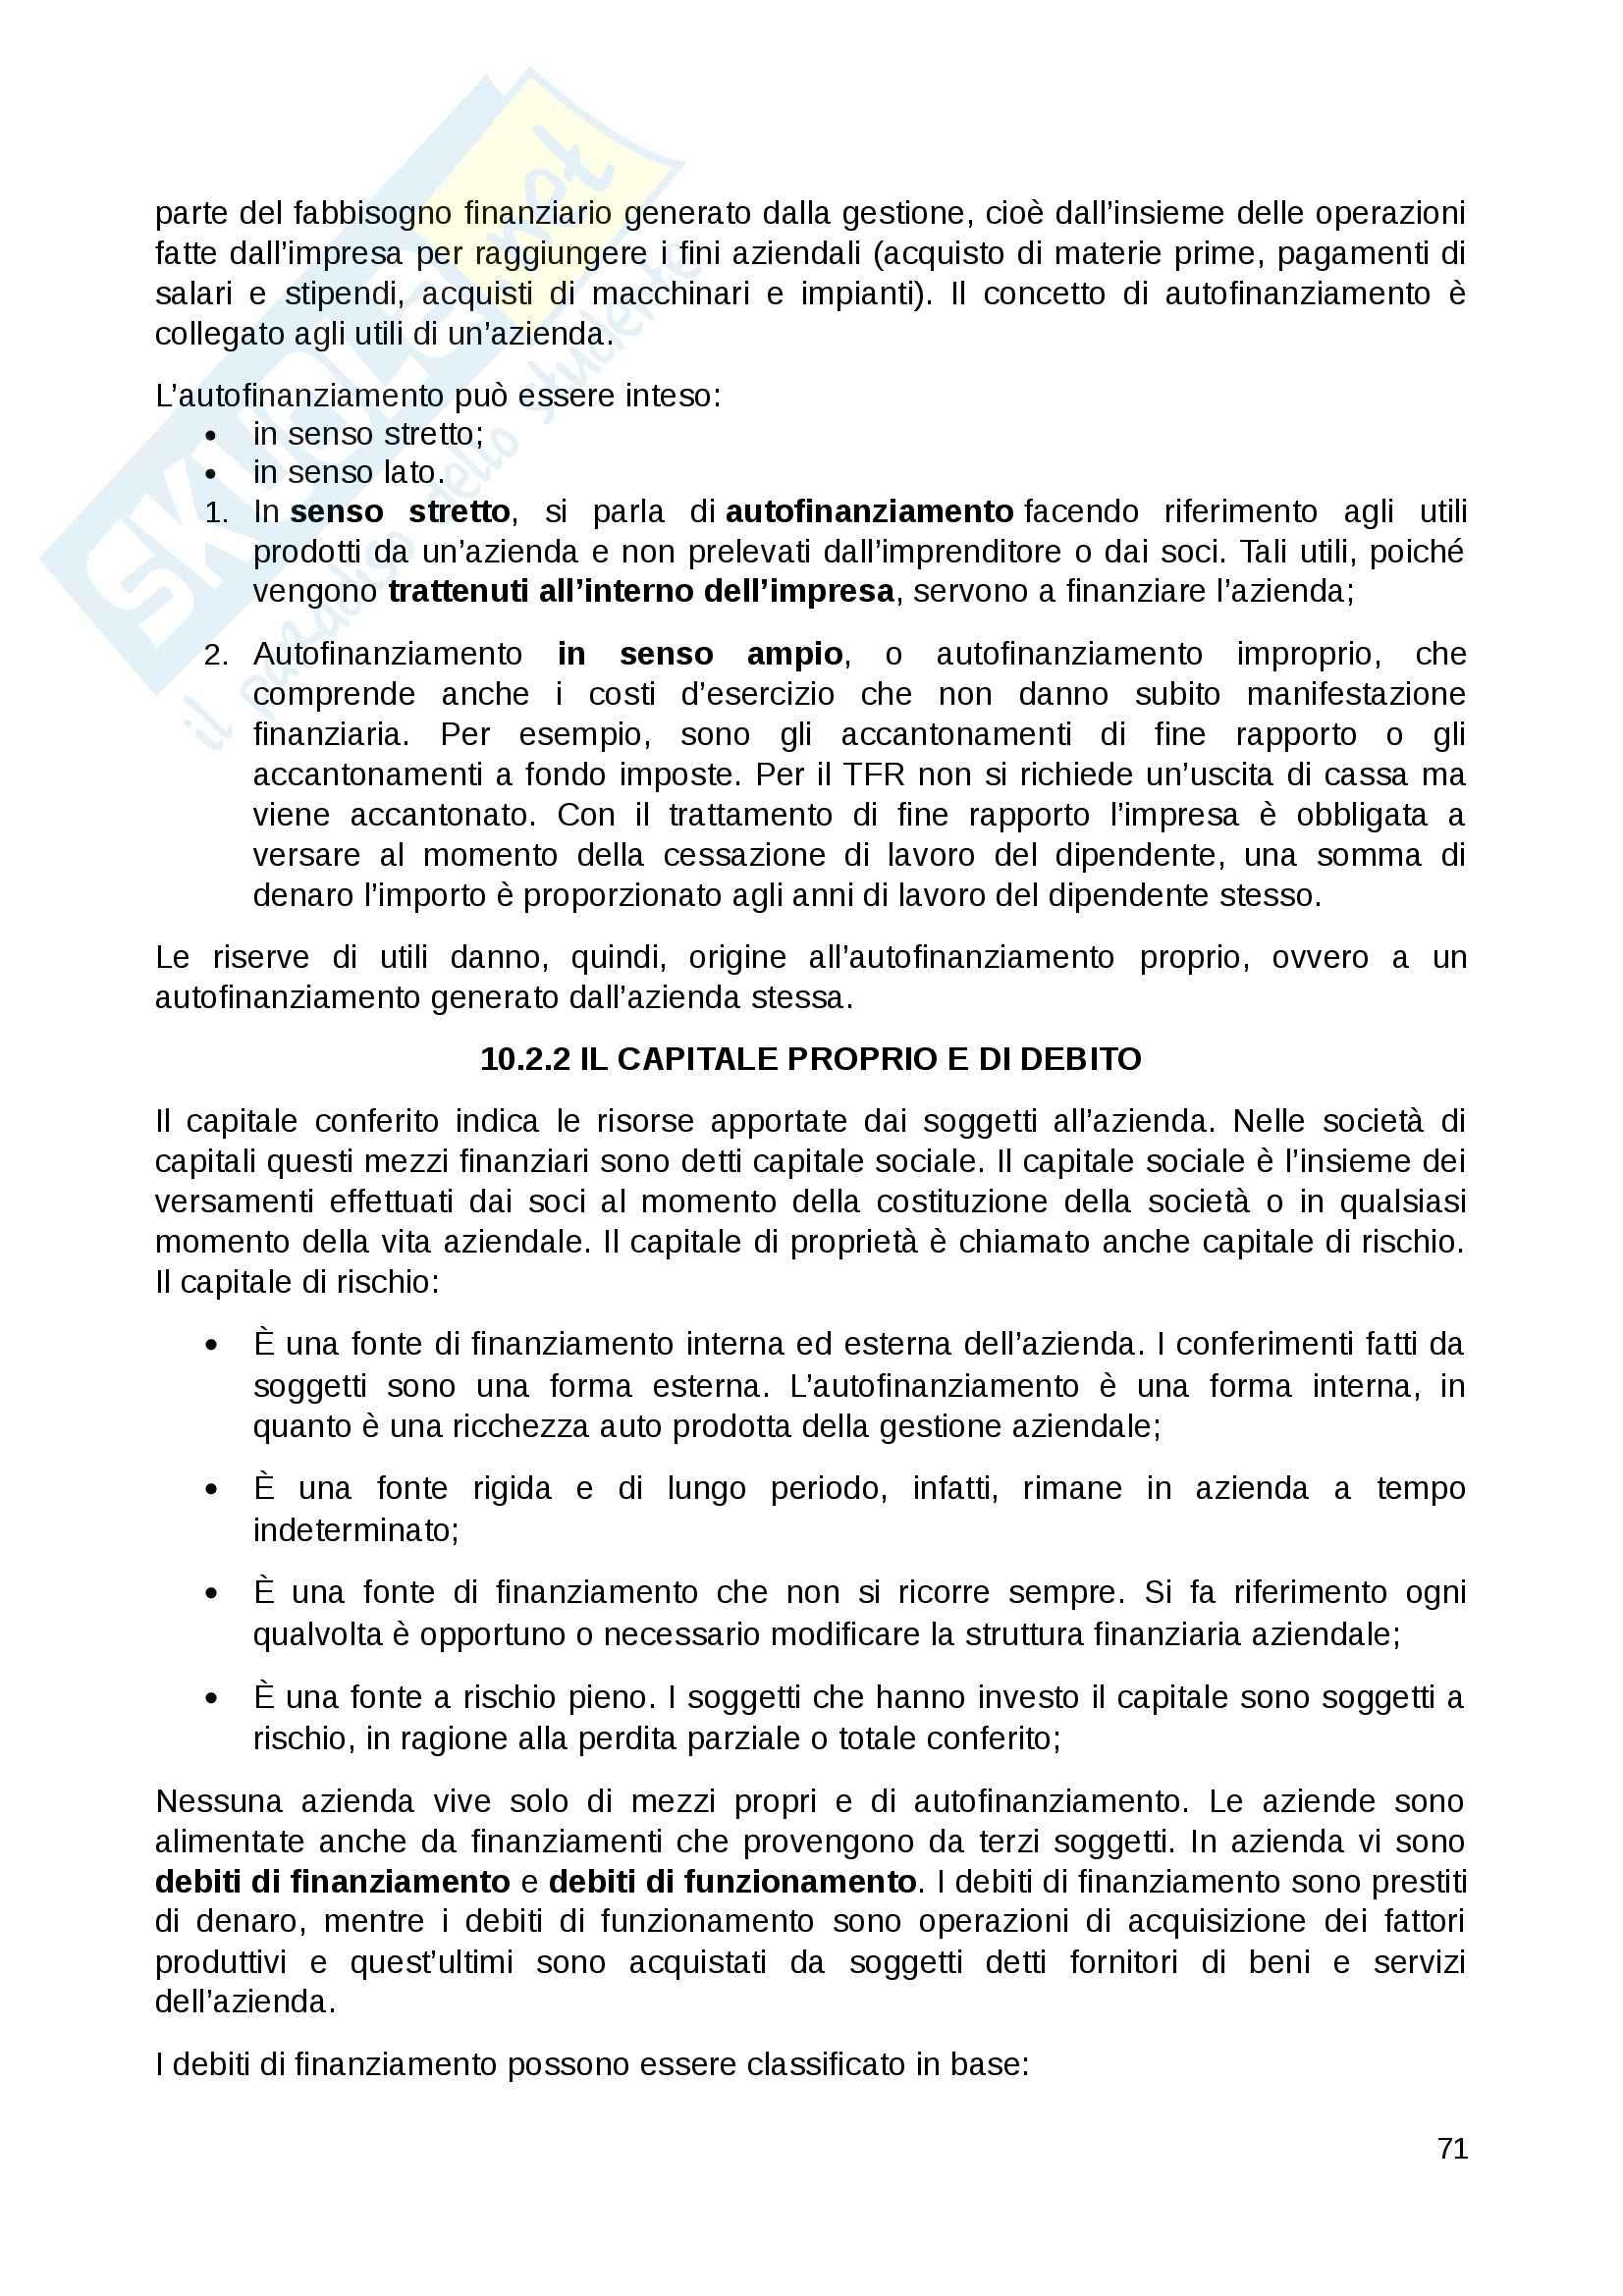 Riassunto esame Economia Aziendale, prof. D'Amore, libro consigliato Economia Aziendale, Ferrara Pag. 71